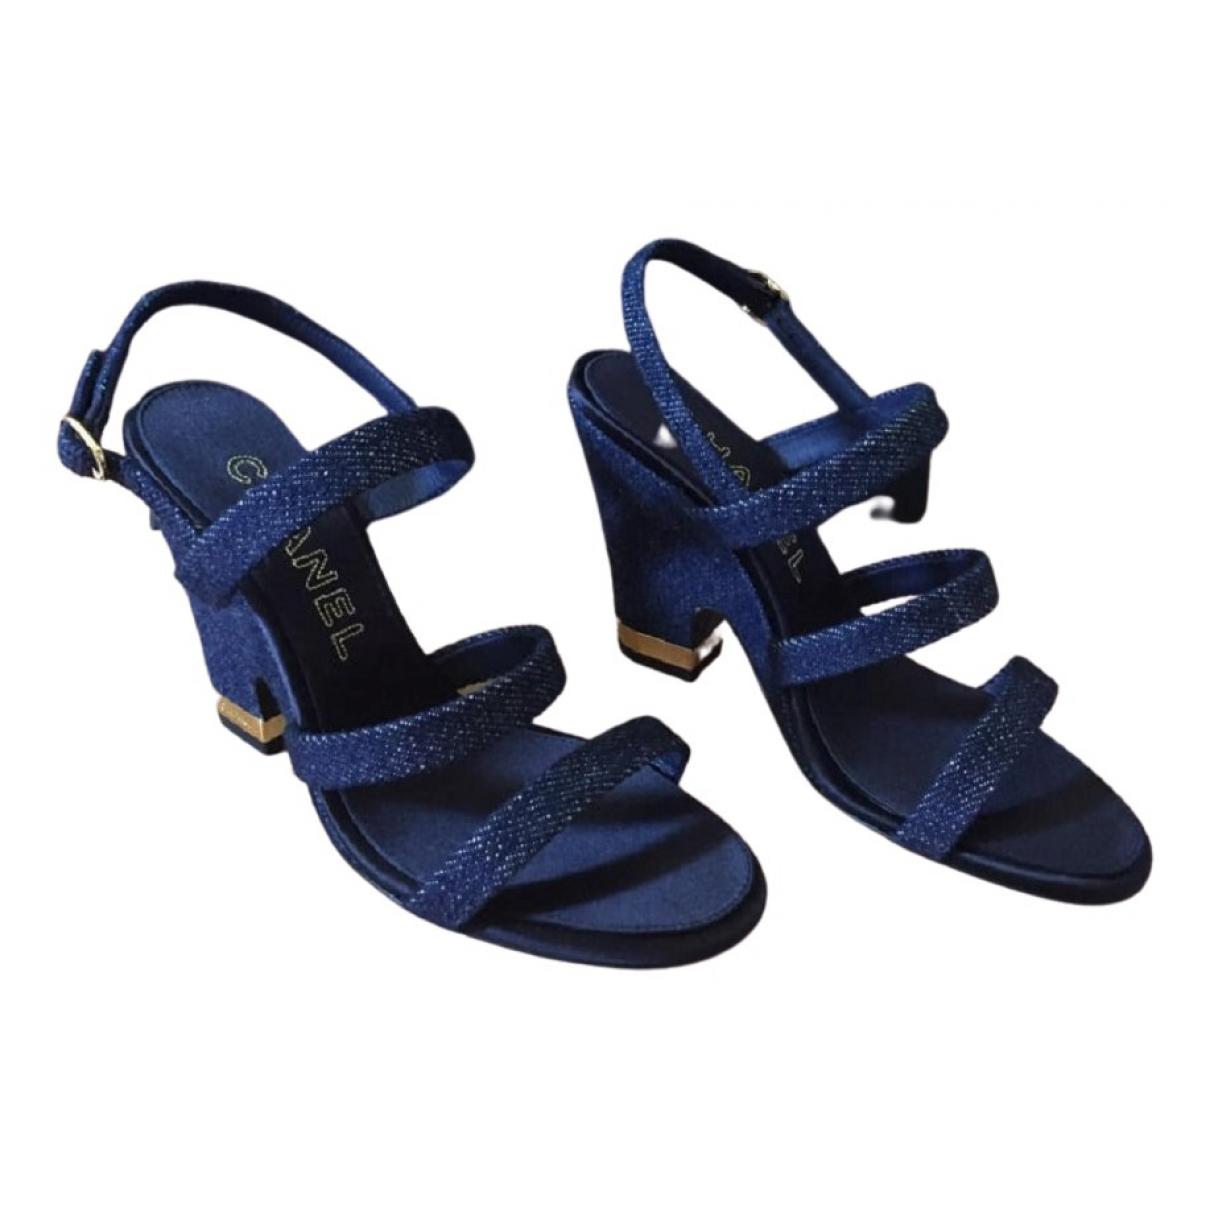 Chanel - Sandales   pour femme en toile - bleu